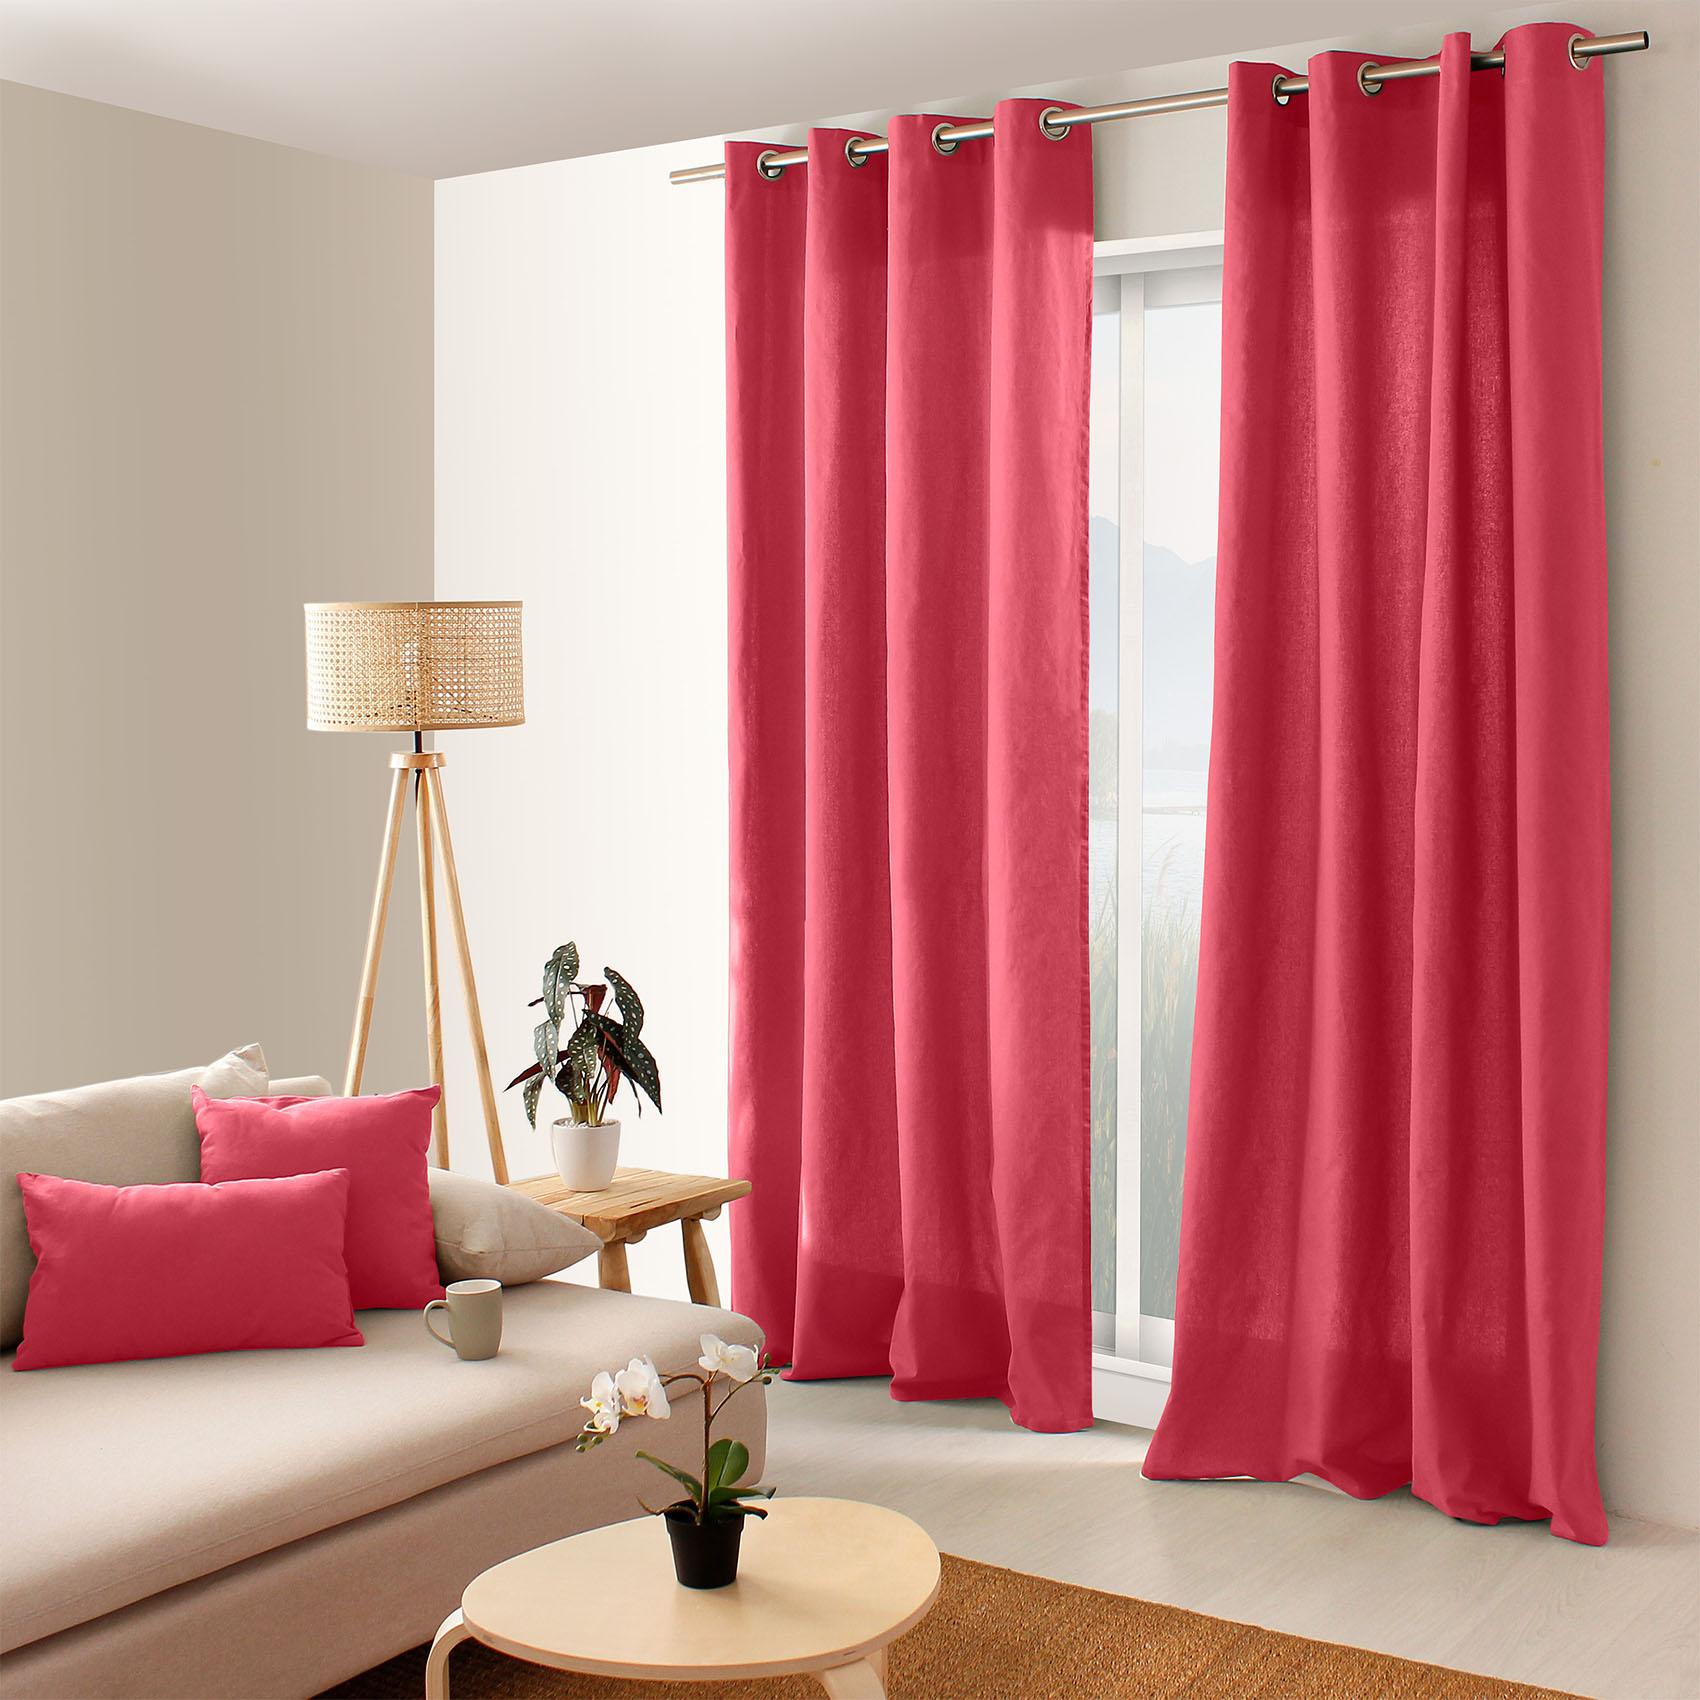 Rideau coloré en pur coton 8 œillets coton blush 240x135